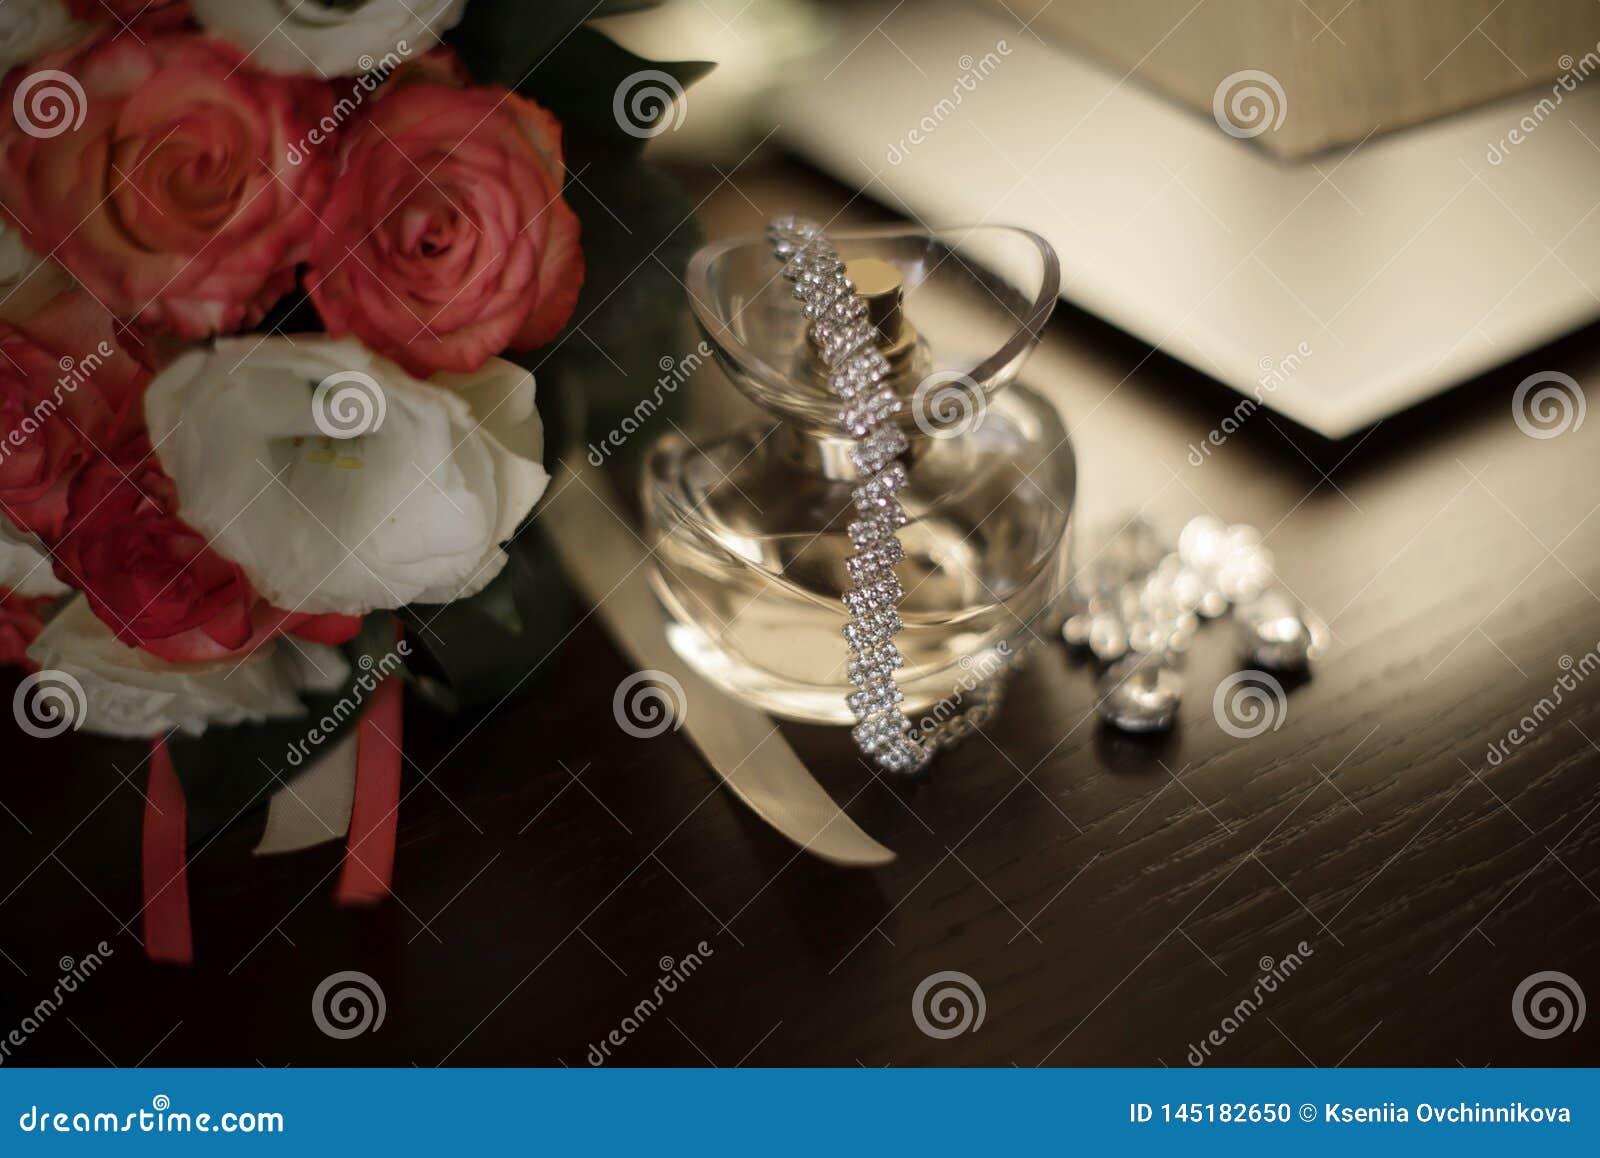 Die Schuhe der Frauen, Parfüme, Einladungskarten, Eheringe auf einem lokalisierten Hintergrund für die Braut